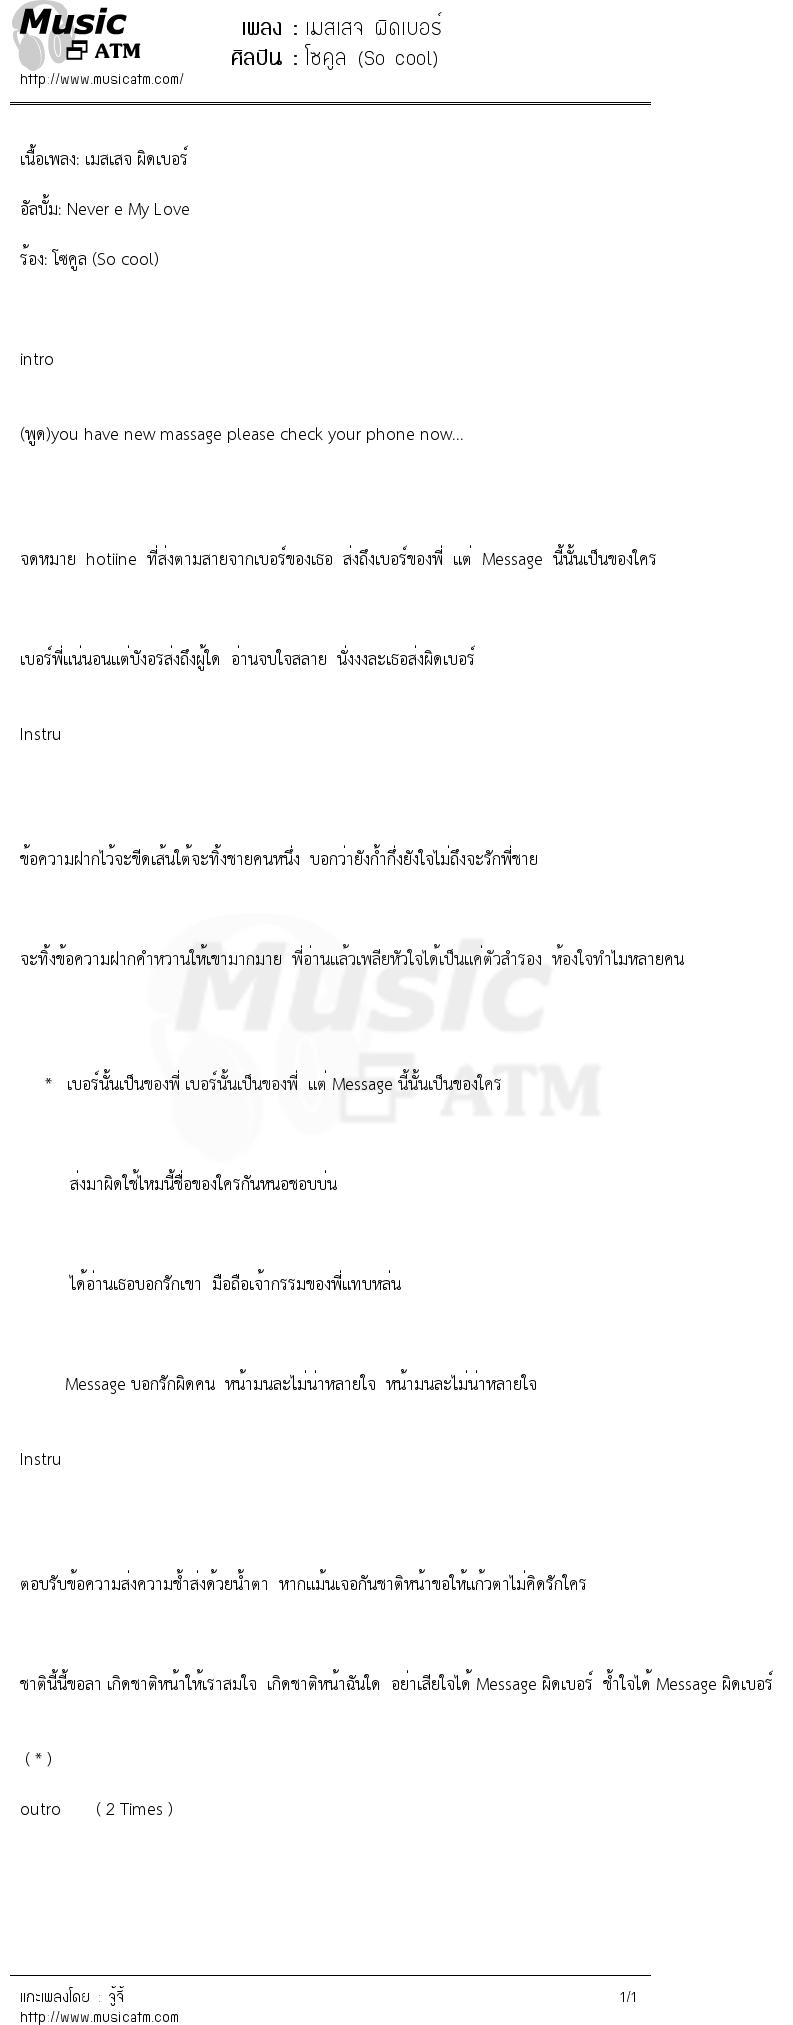 เนื้อเพลง เมสเสจ ผิดเบอร์ - โซคูล (So cool) | เพลงไทย